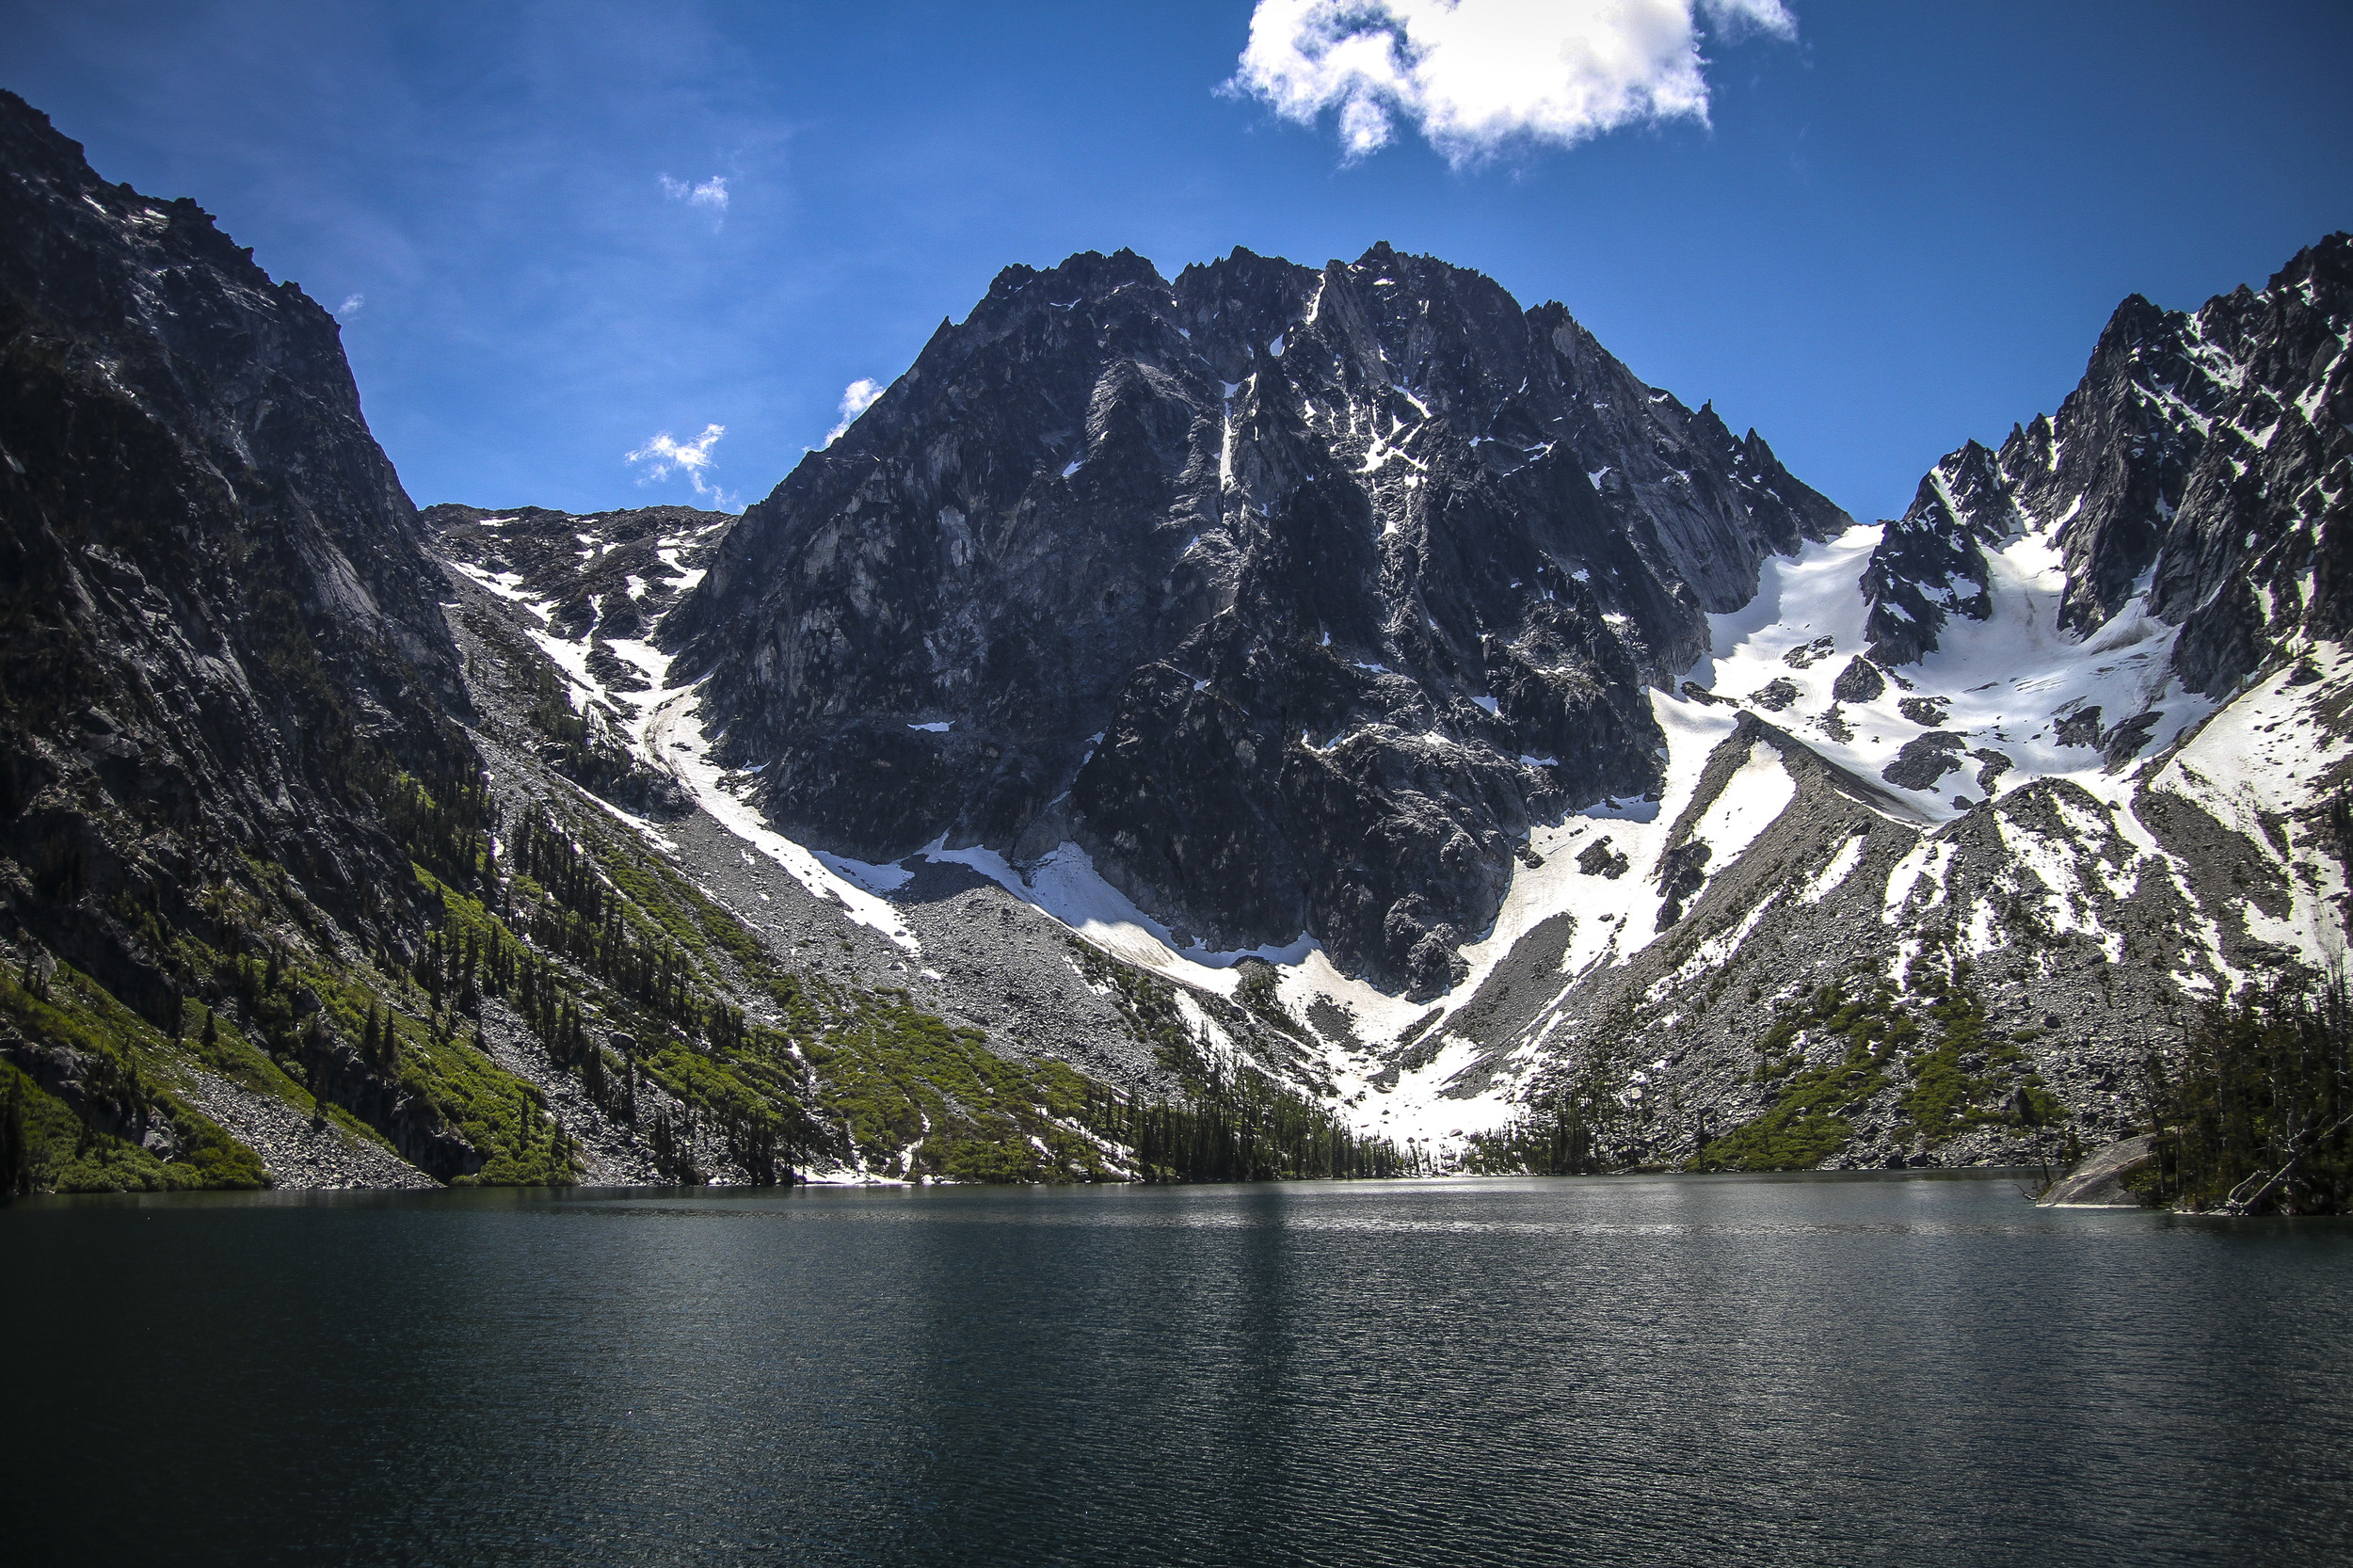 Lake Colchuck